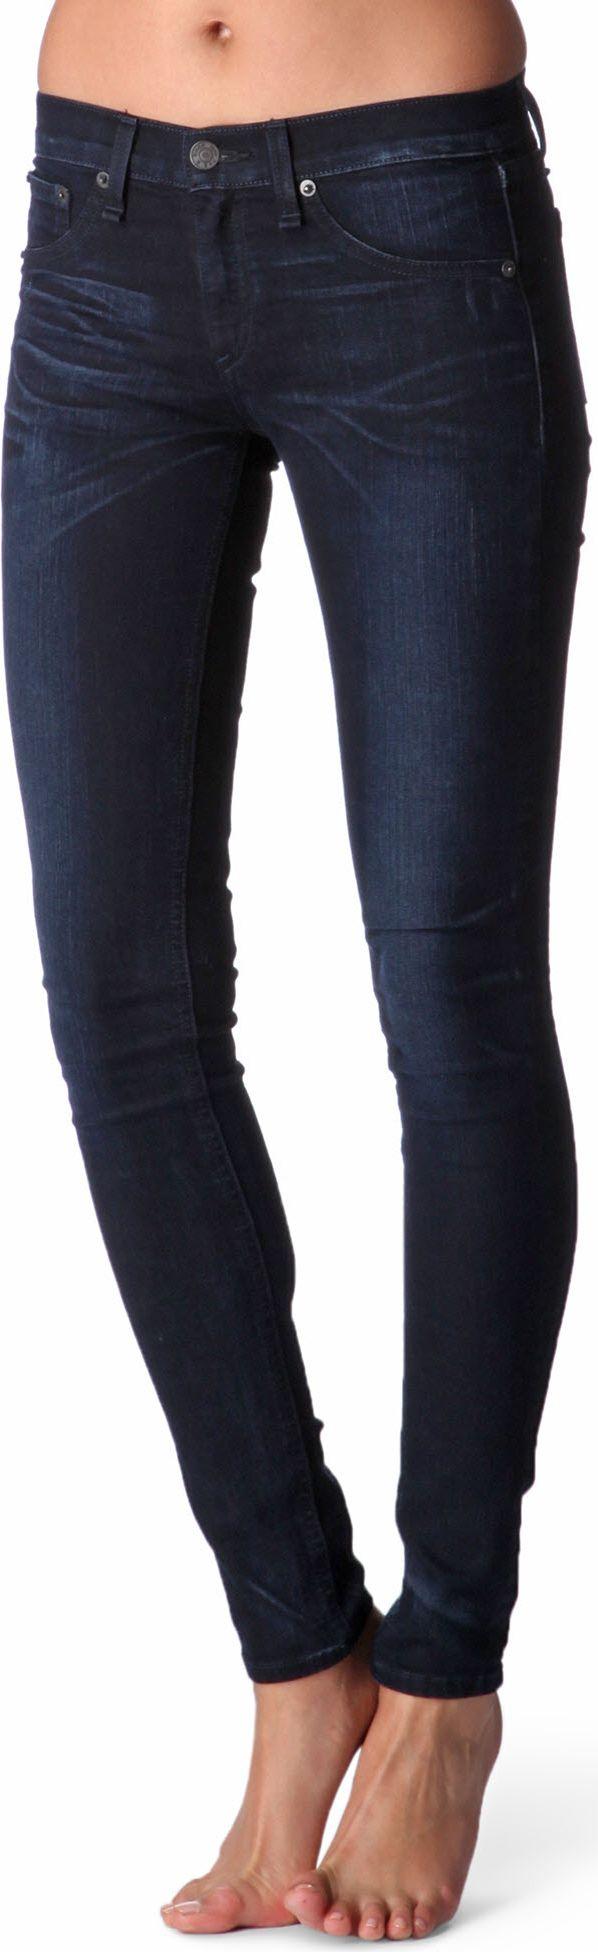 4896f30747daaf Rag & Bone Derby Legging Jeans in Blue - Lyst